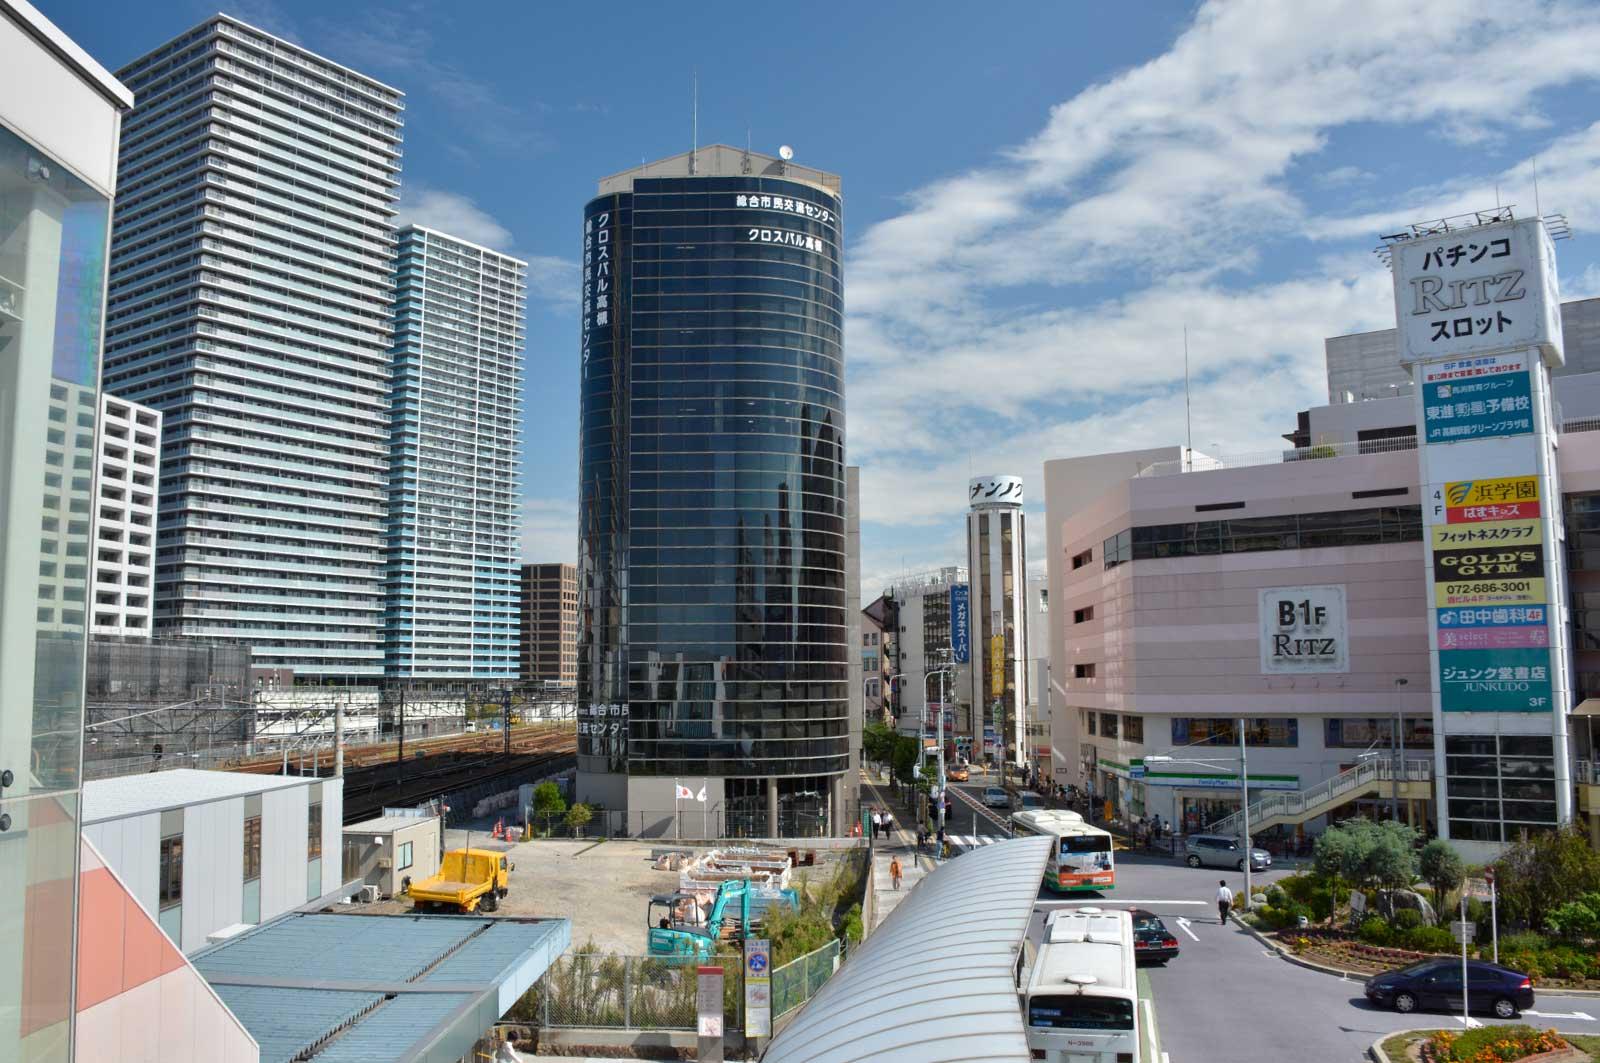 高槻駅前の景色